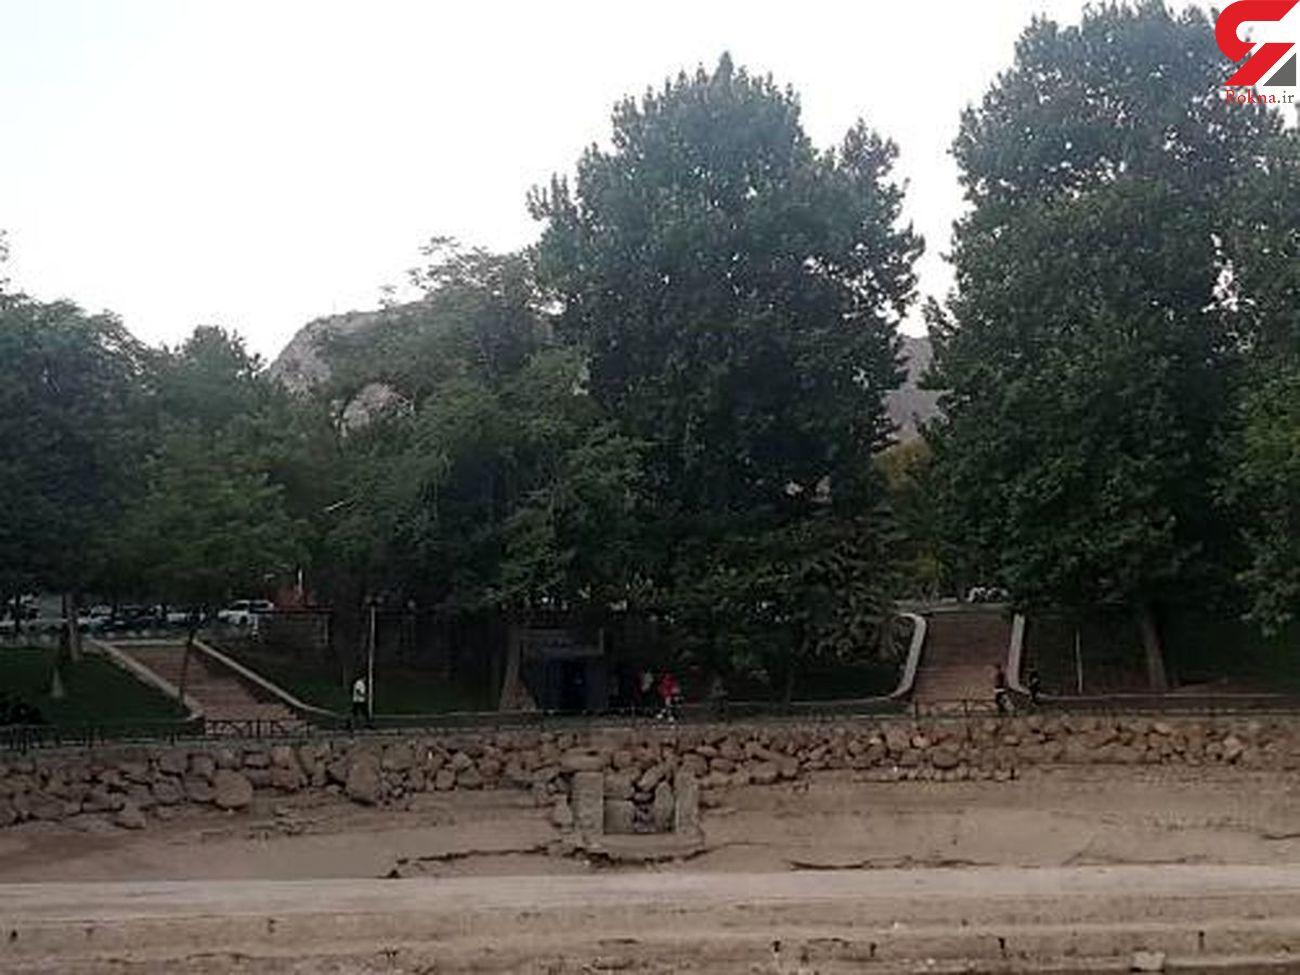 خشکسالی سرزمین آبشارها را بلعید| خشکشدن سراب کیو و گرداب سنگی در خرمآباد